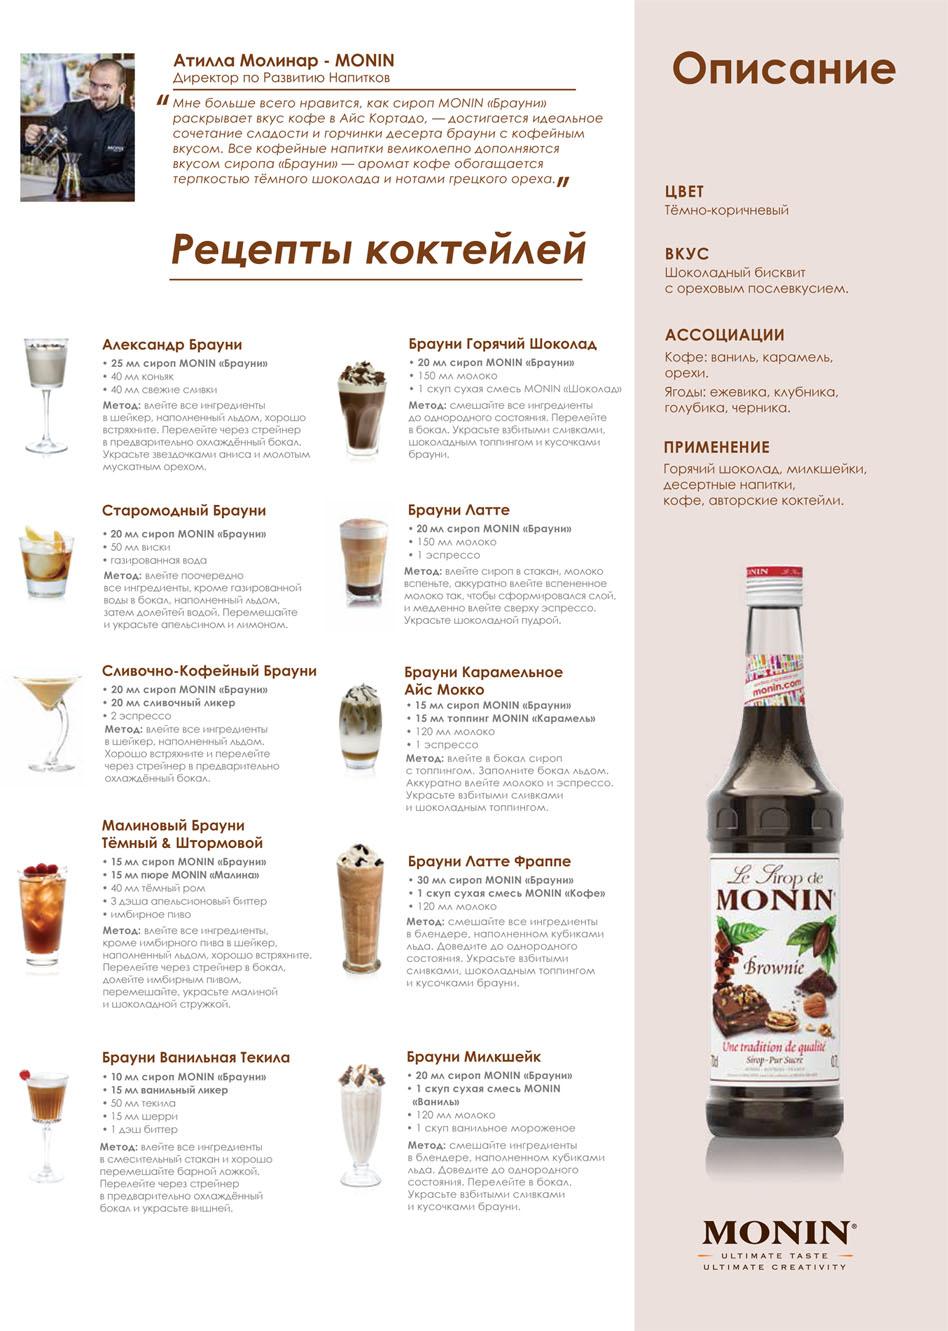 Рецепты коктейли из сиропов